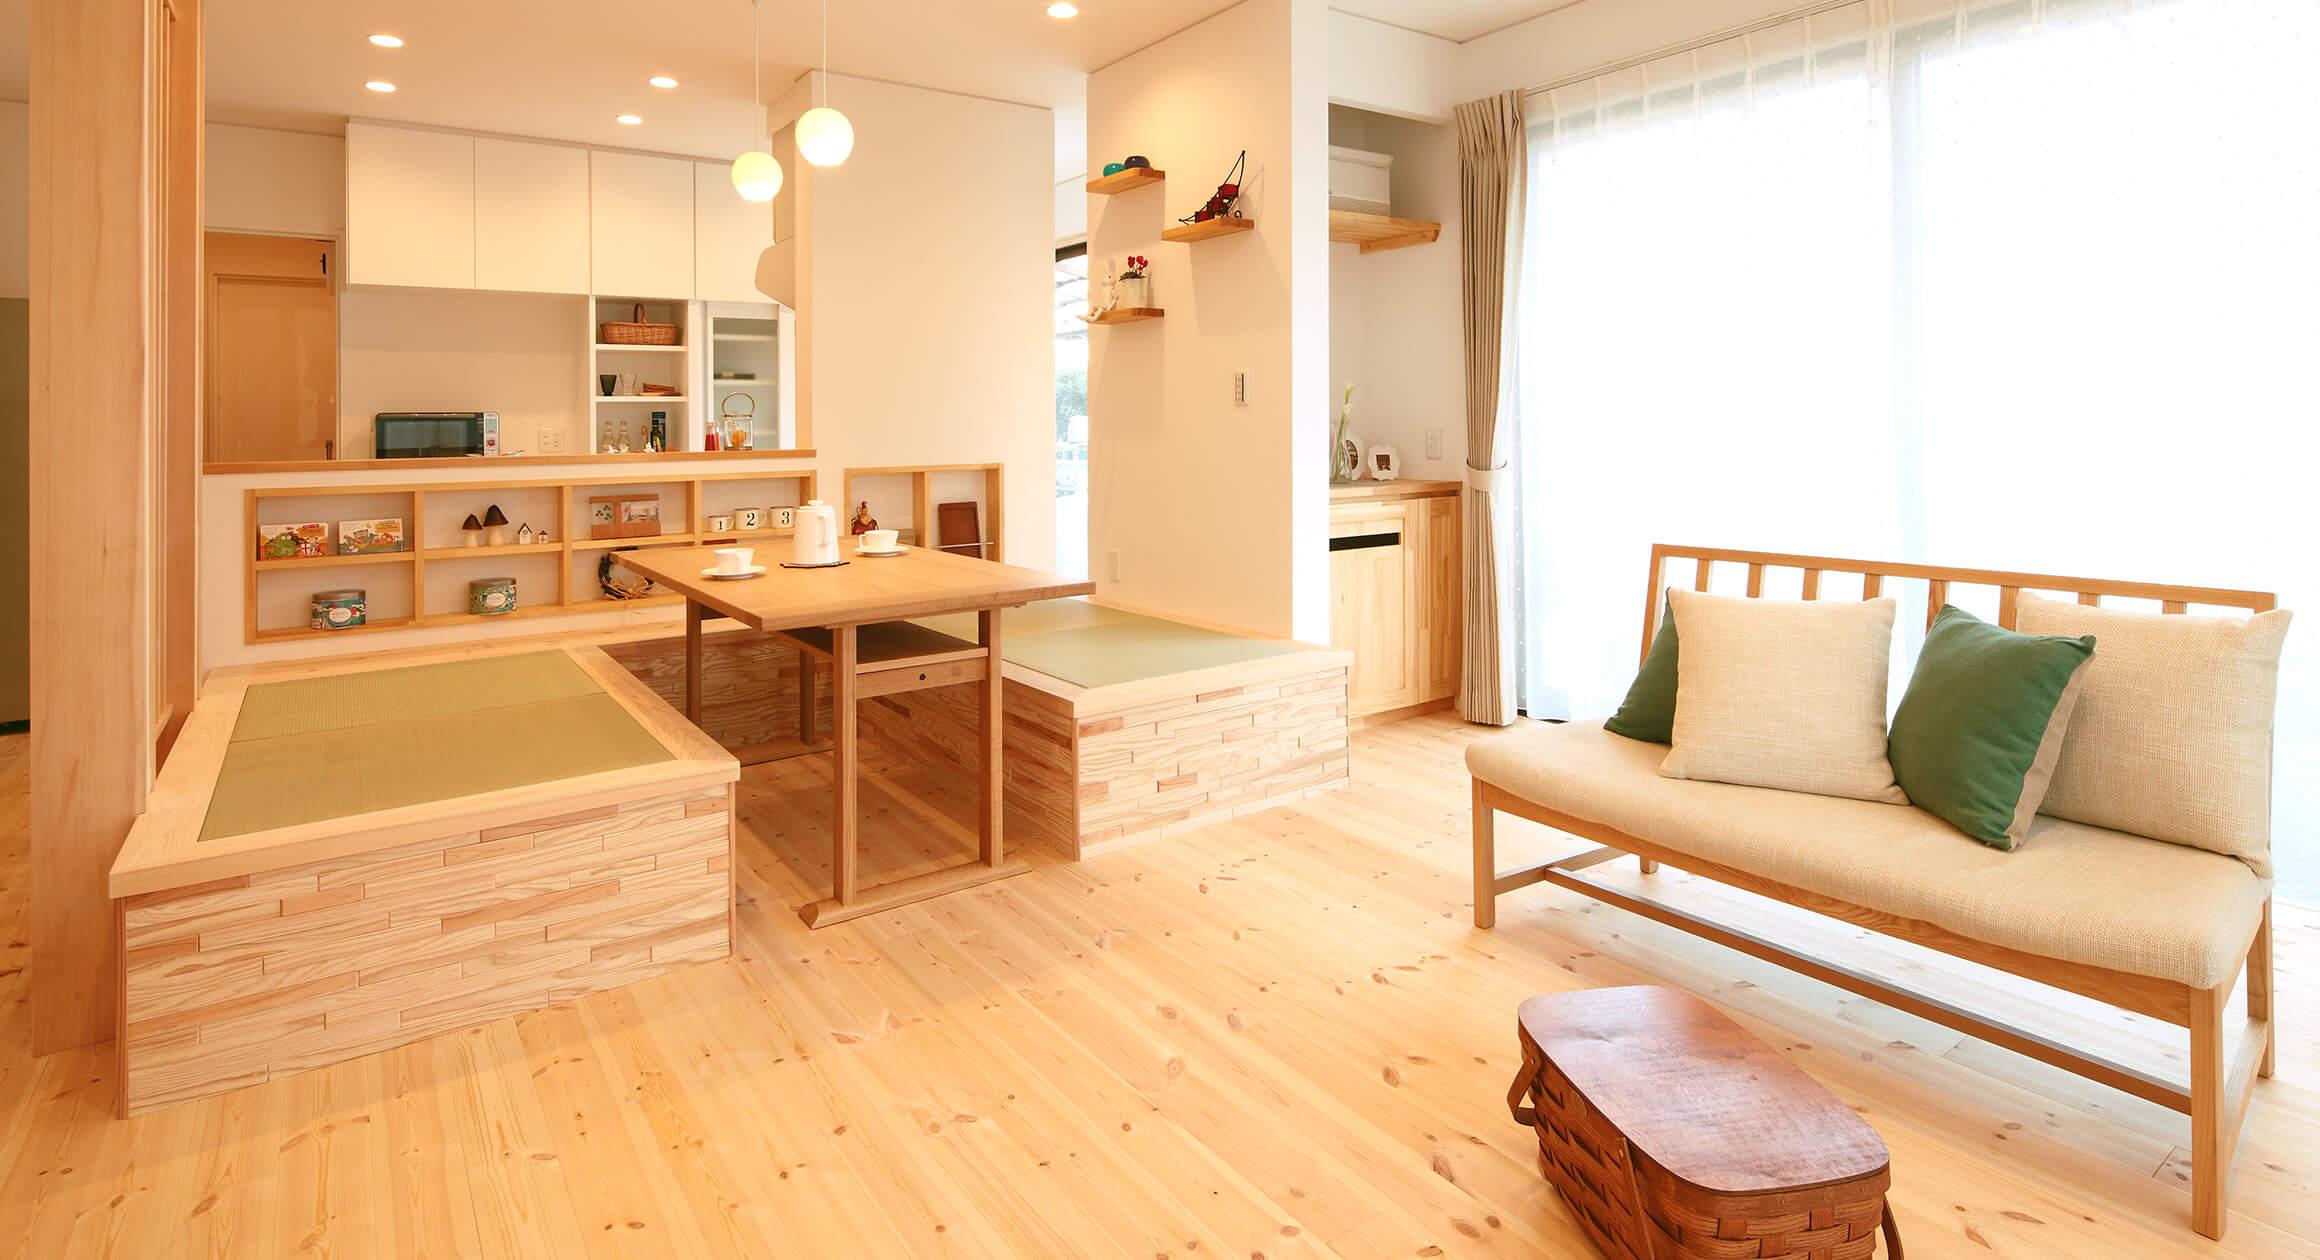 三友工務店のリフォーム・リノベーション事例 熊本市K様邸